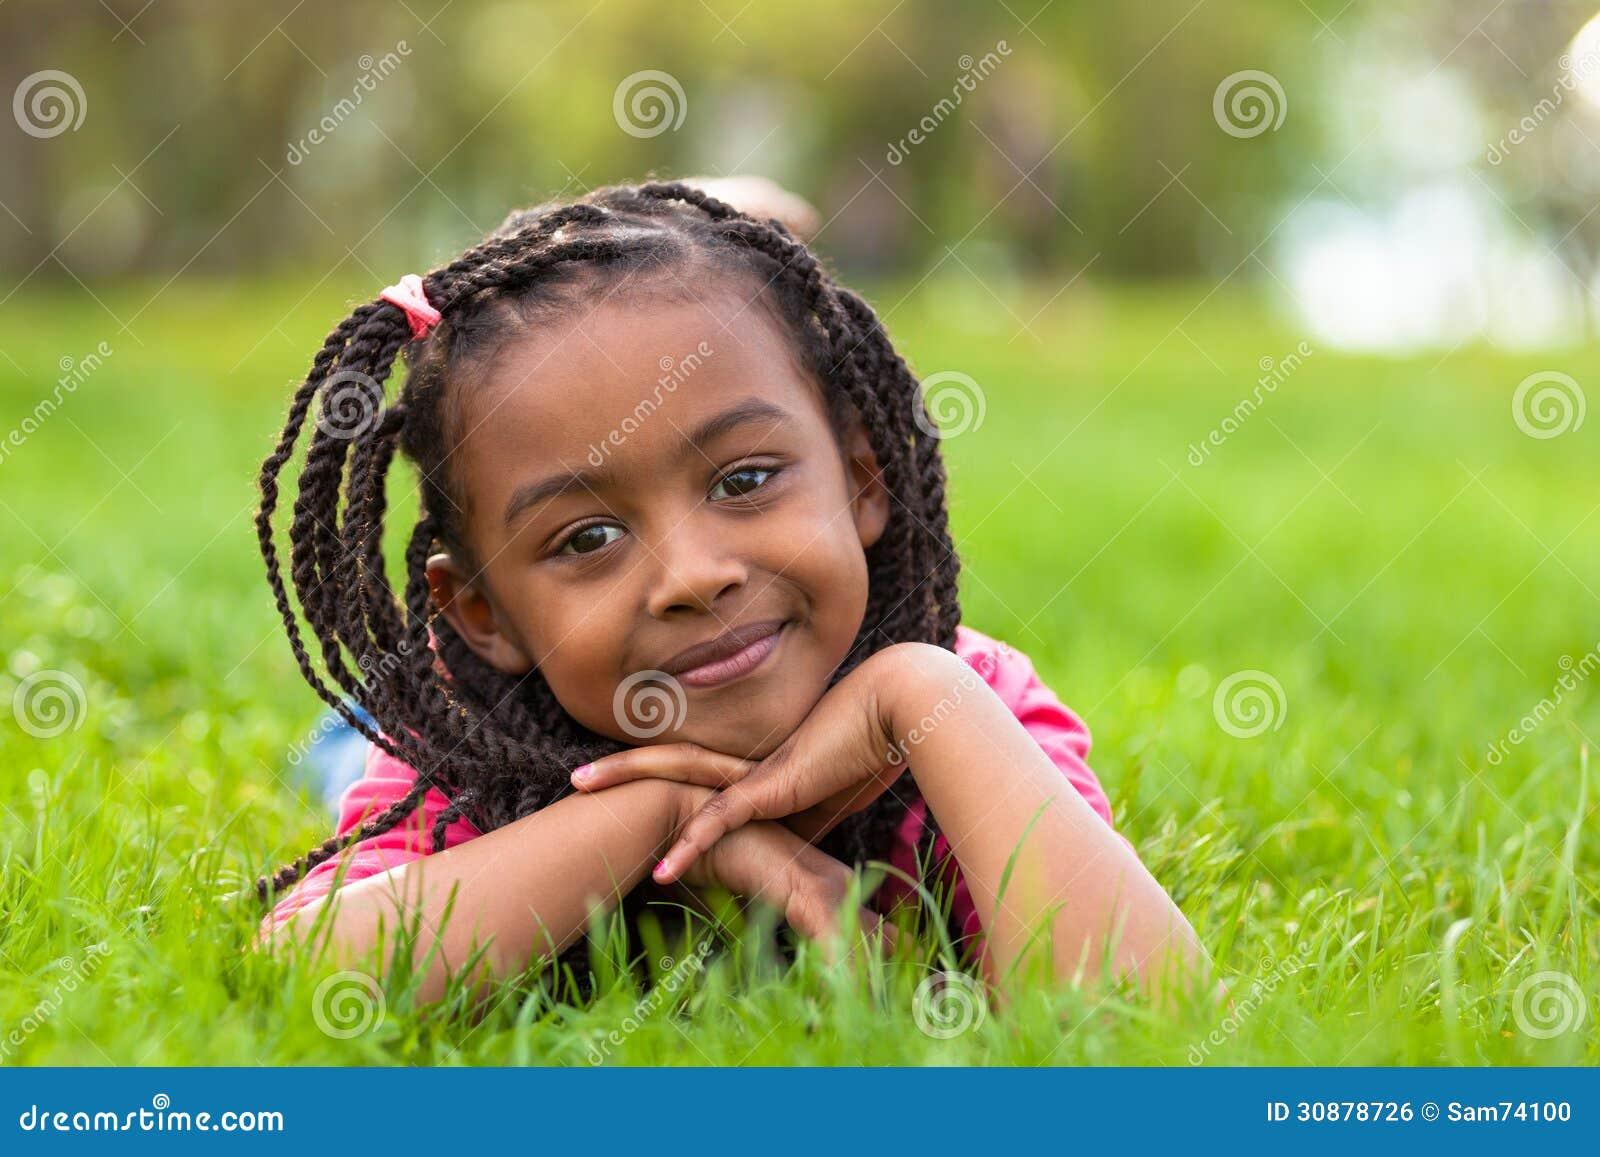 pic van zwart meisje